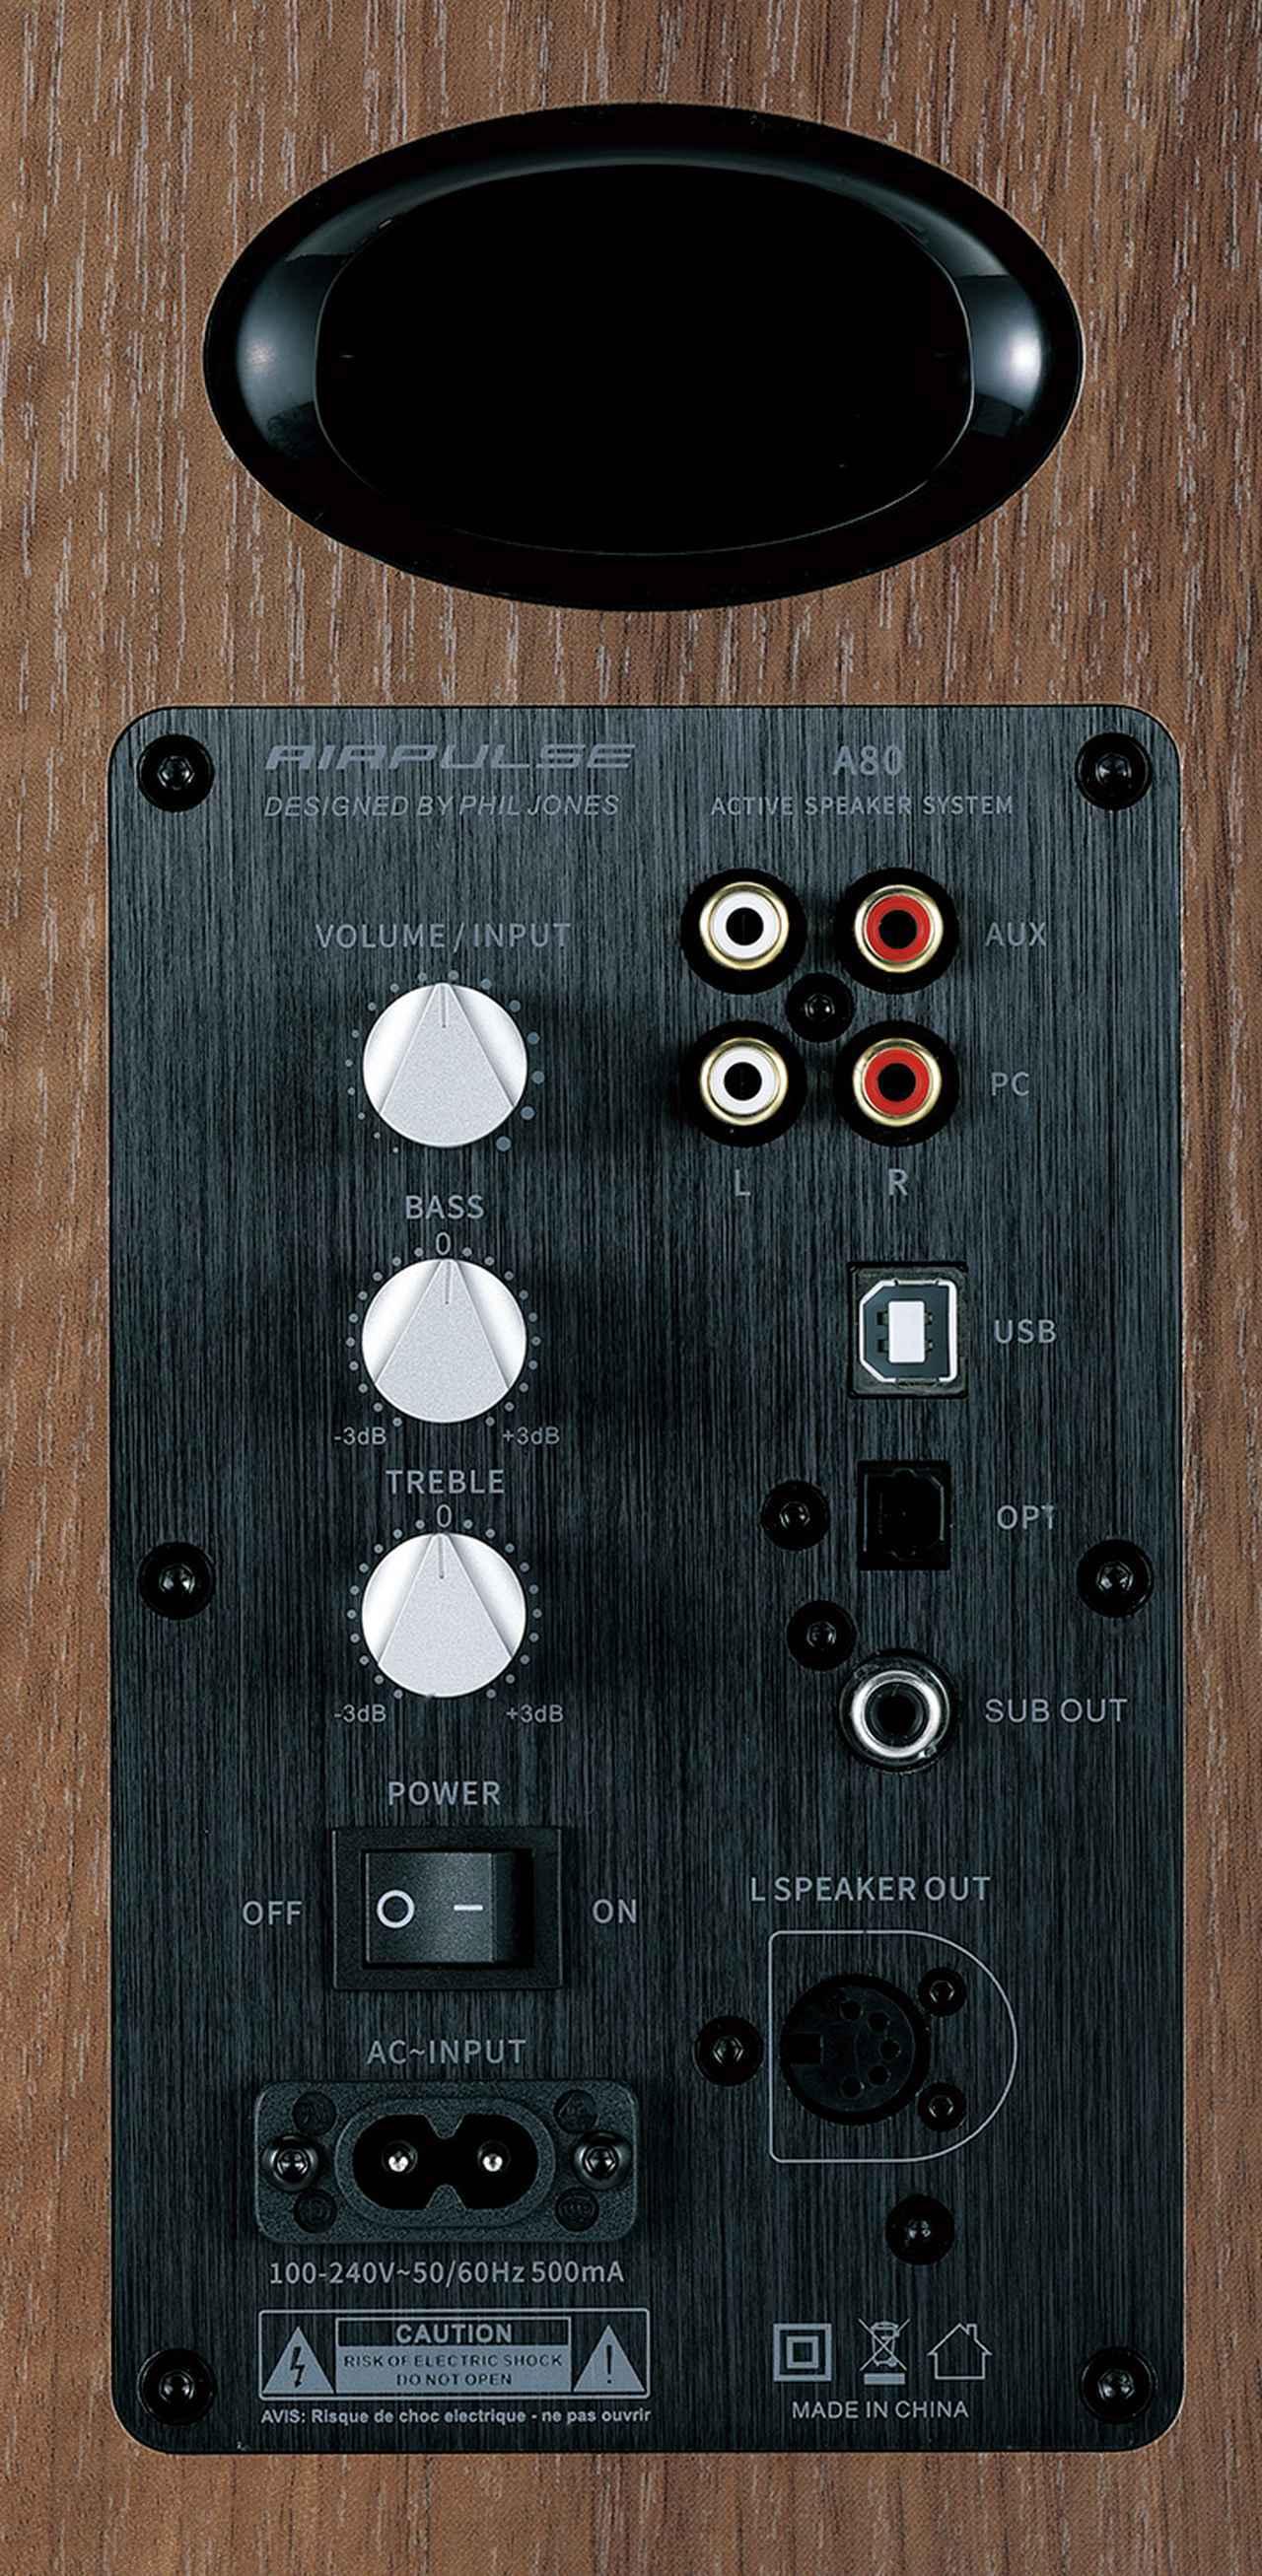 画像2: 量感豊かな低音と俊敏さを両立。ハイレゾ、そしてAV再生に最適 AIRPULSE「A80」